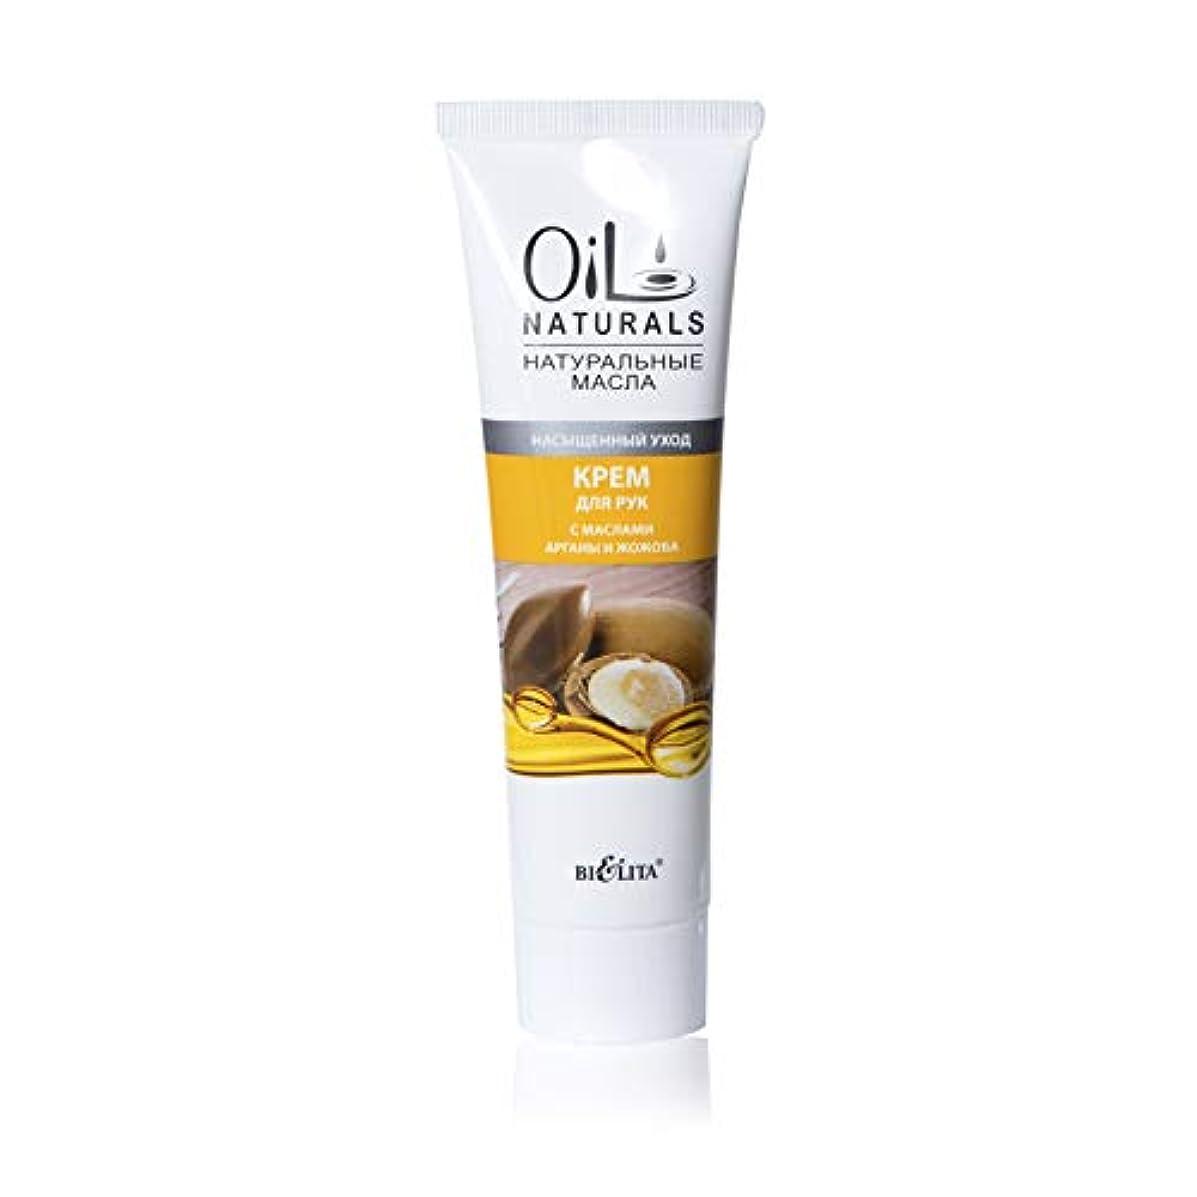 デコレーション一緒下にBielita & Vitex Oil Naturals Line | Saturate Care Hand Cream, 100 ml | Argan Oil, Silk Proteins, Jojoba Oil, Vitamins